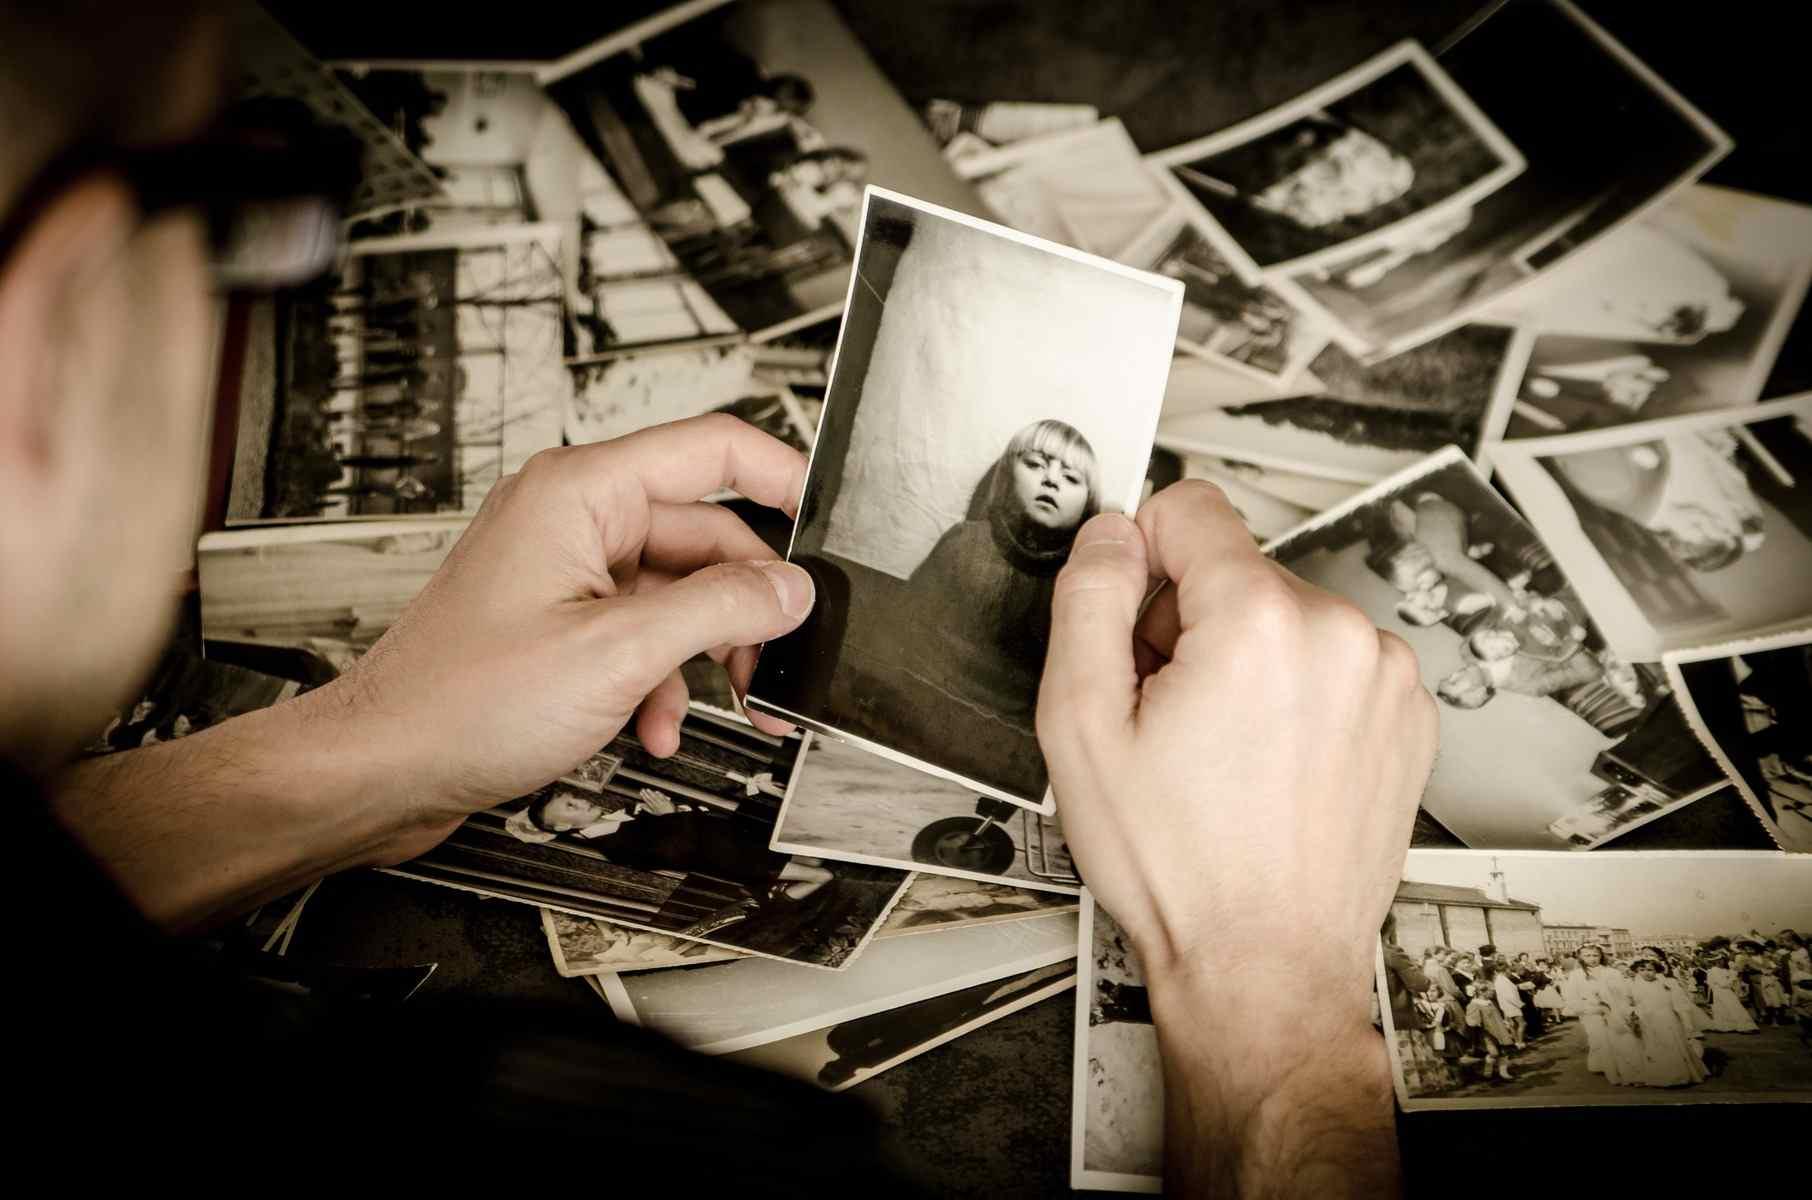 Новороссийск стремится сохранить историю: архив принимает биографии и фотографии простых людей